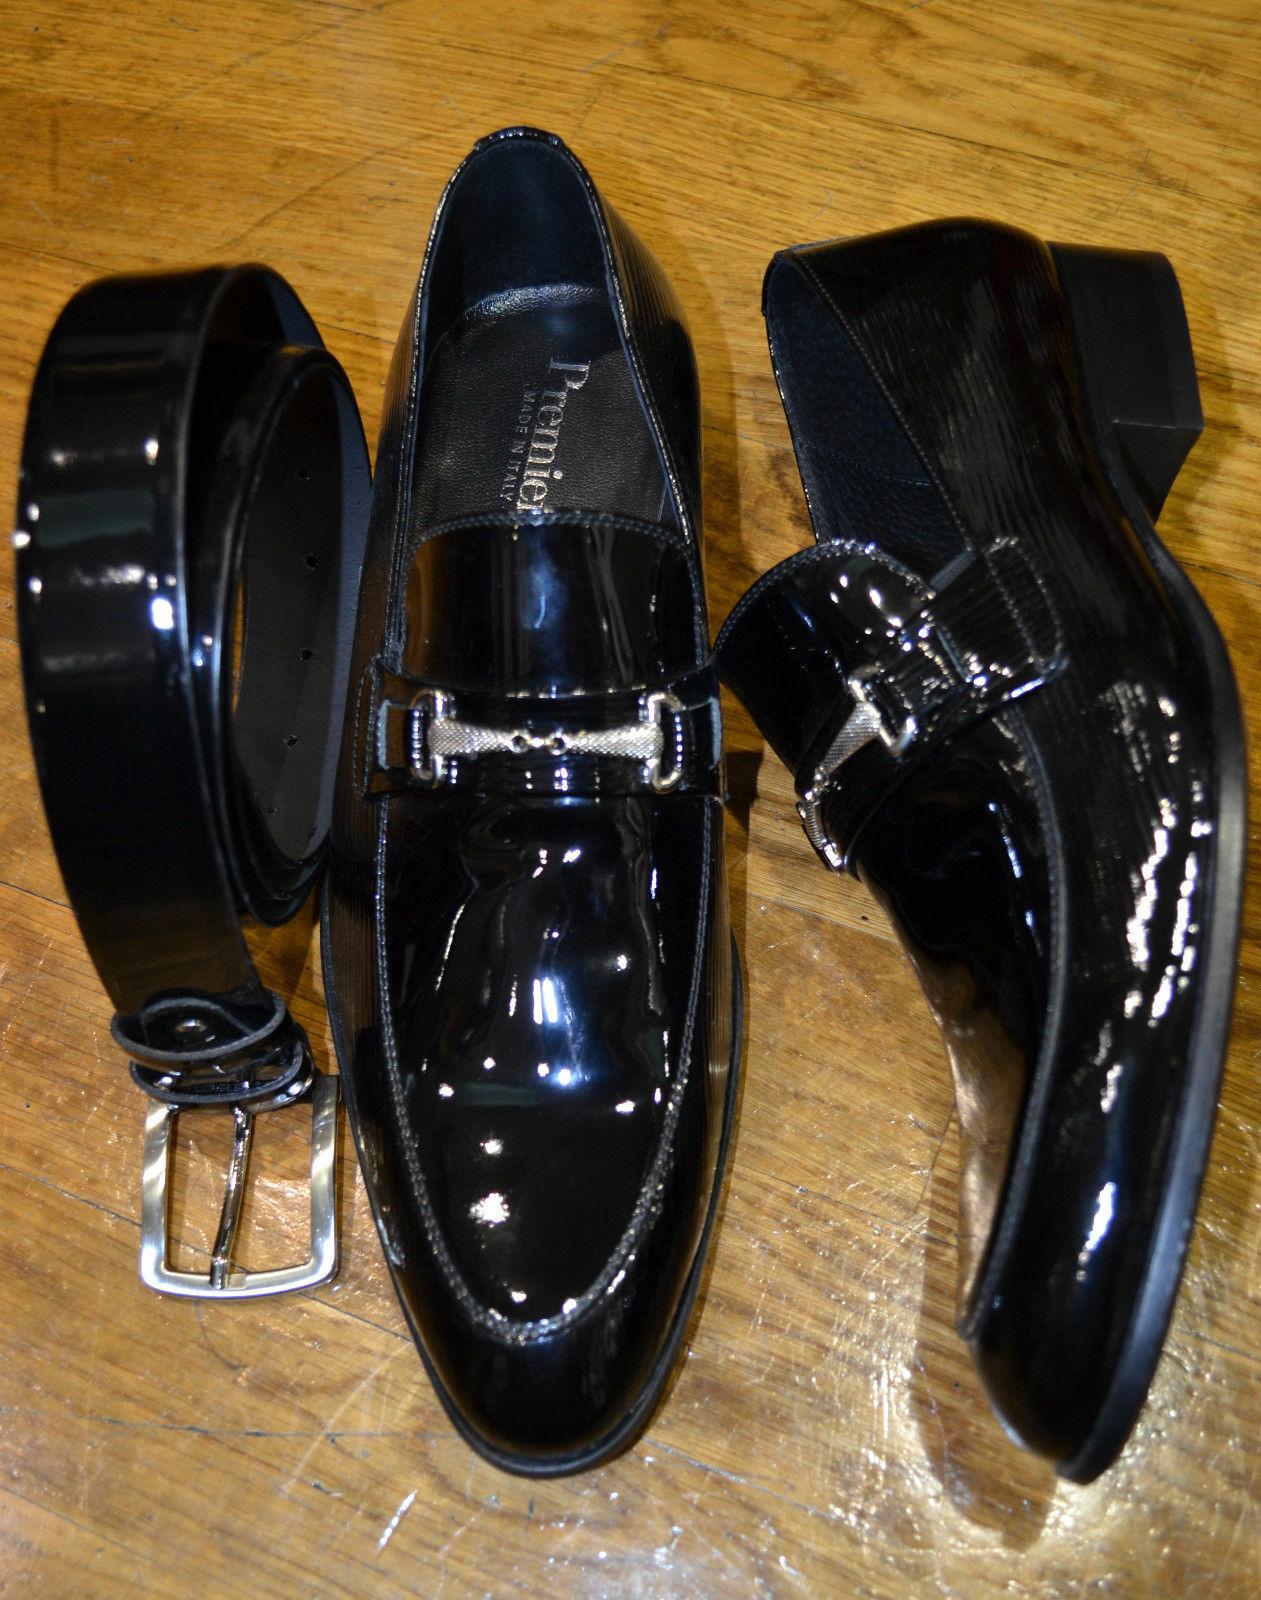 zapatos hombres Mod PAGLIA VERNICE  Tg 44  OCCASIONE & CERIMONIA   MADE in ITALY